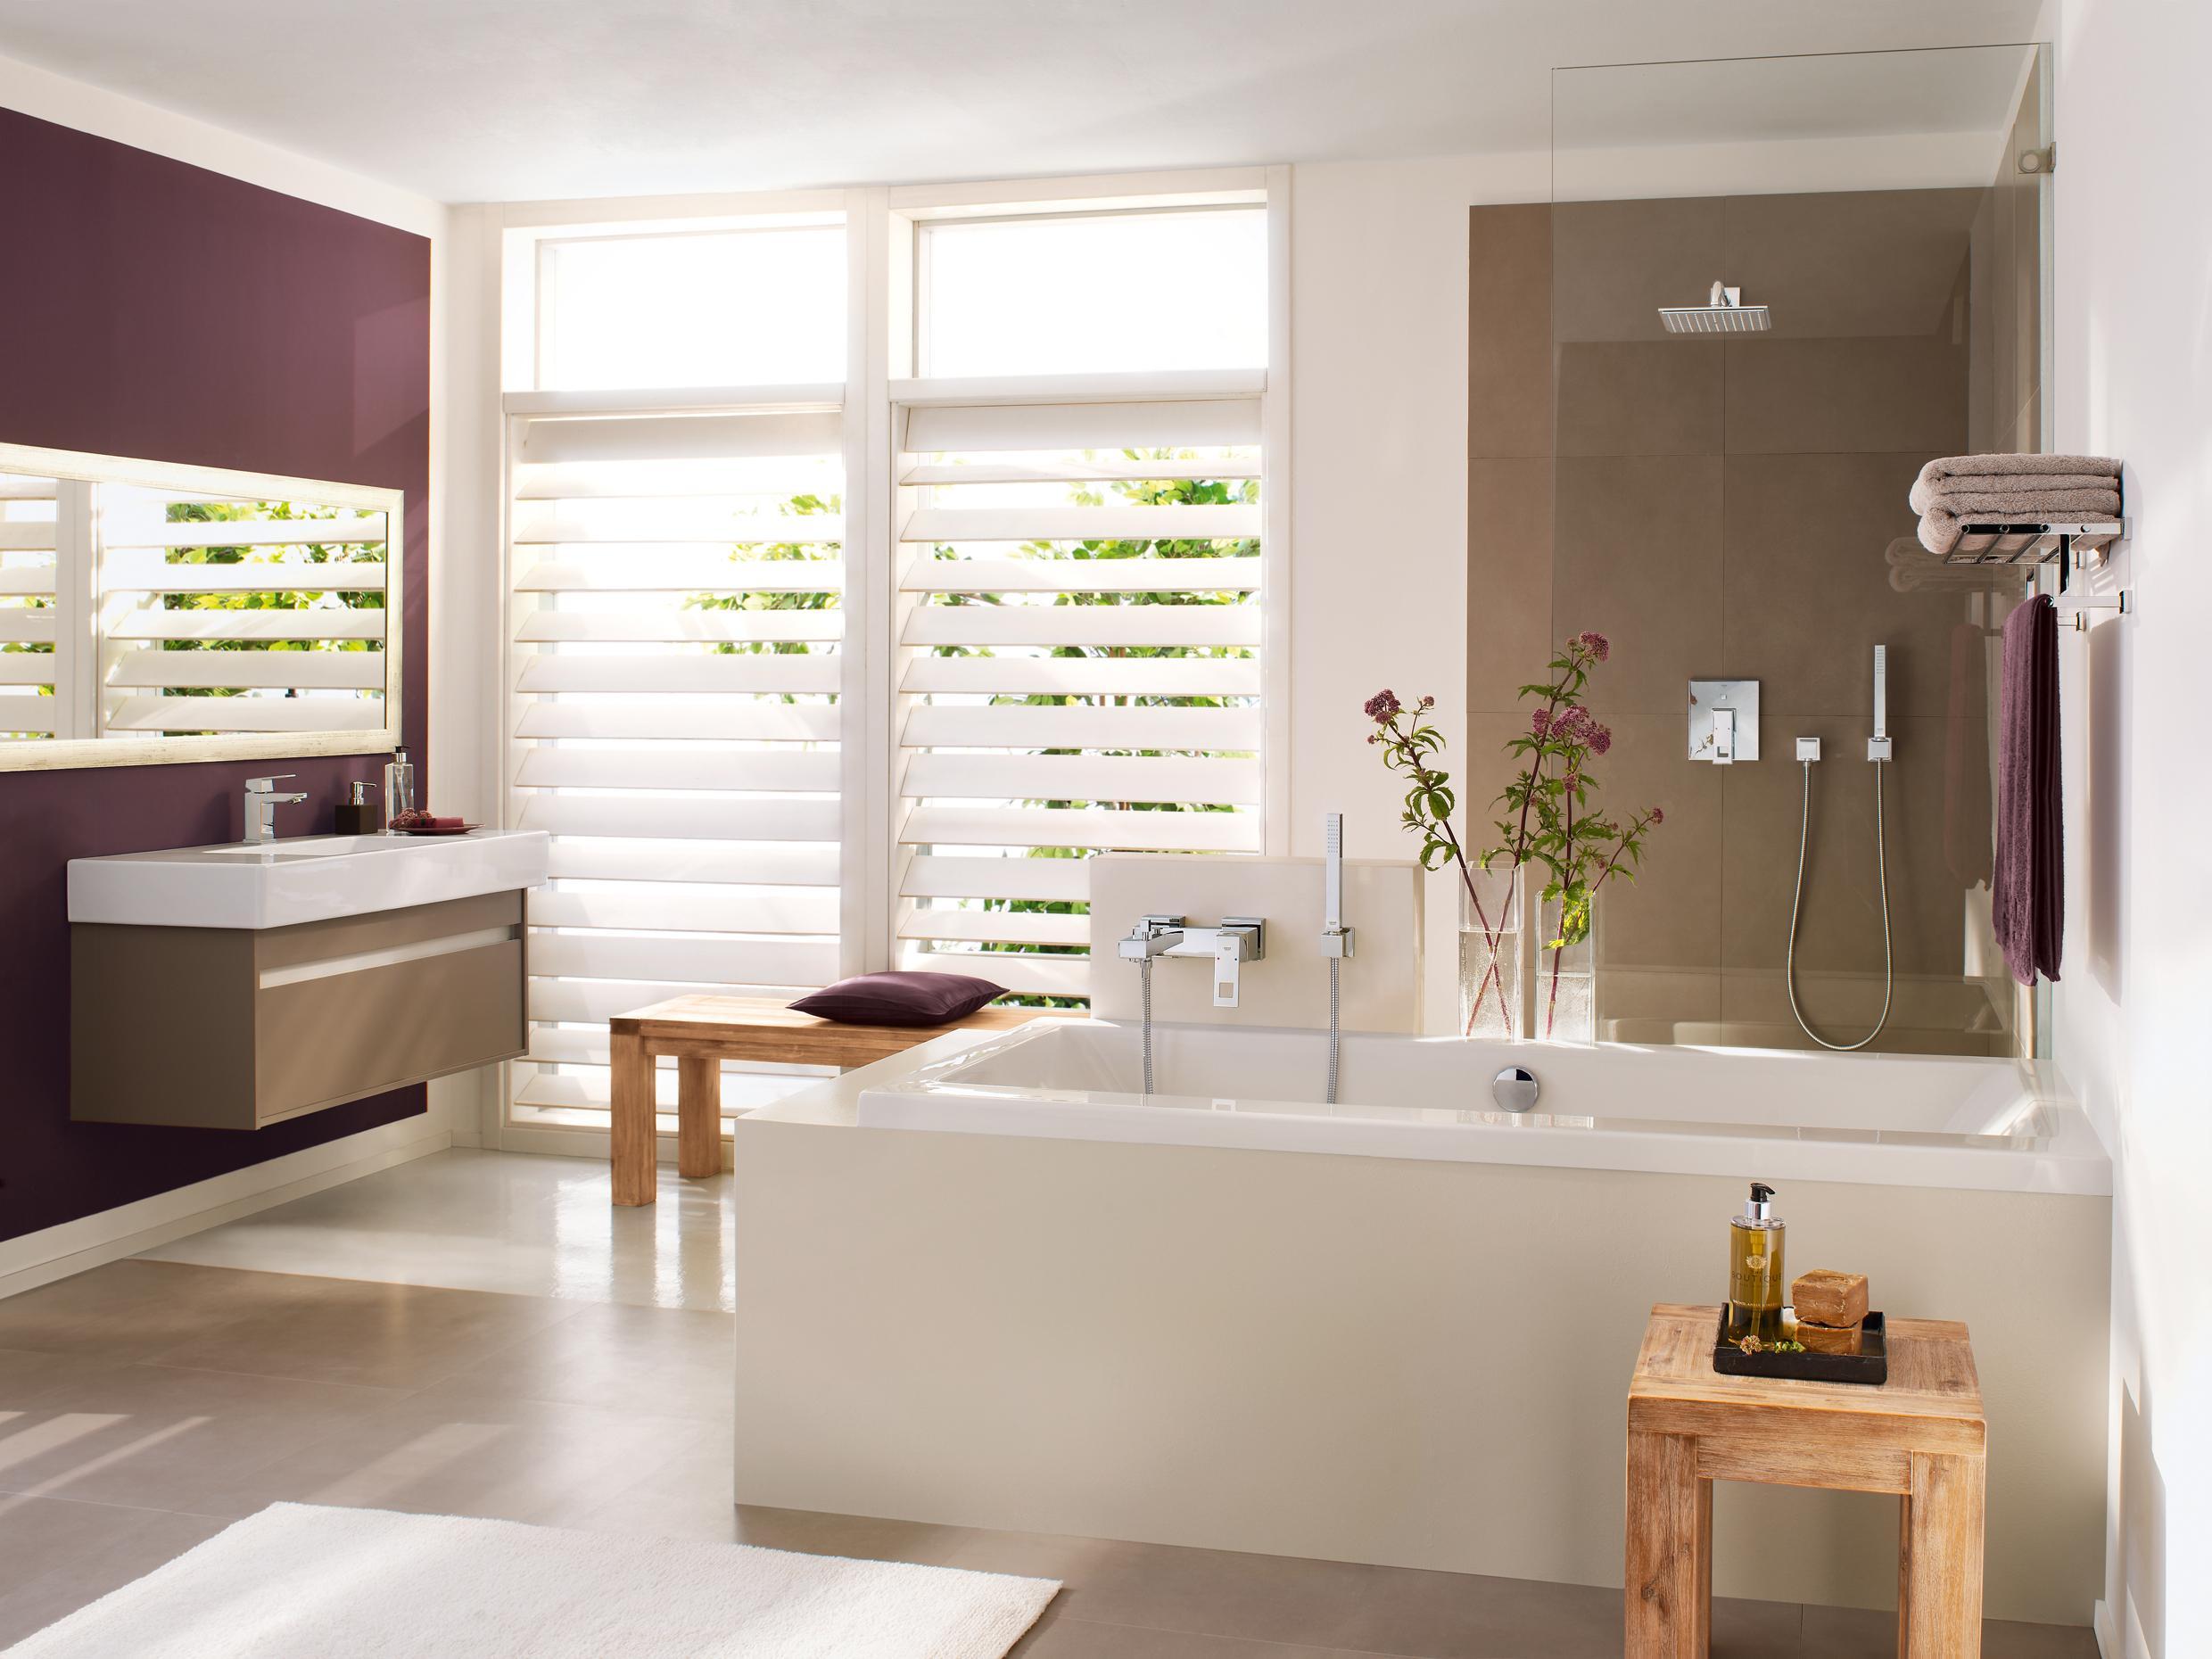 Badezimmerspiegel • Bilder & Ideen • COUCHstyle